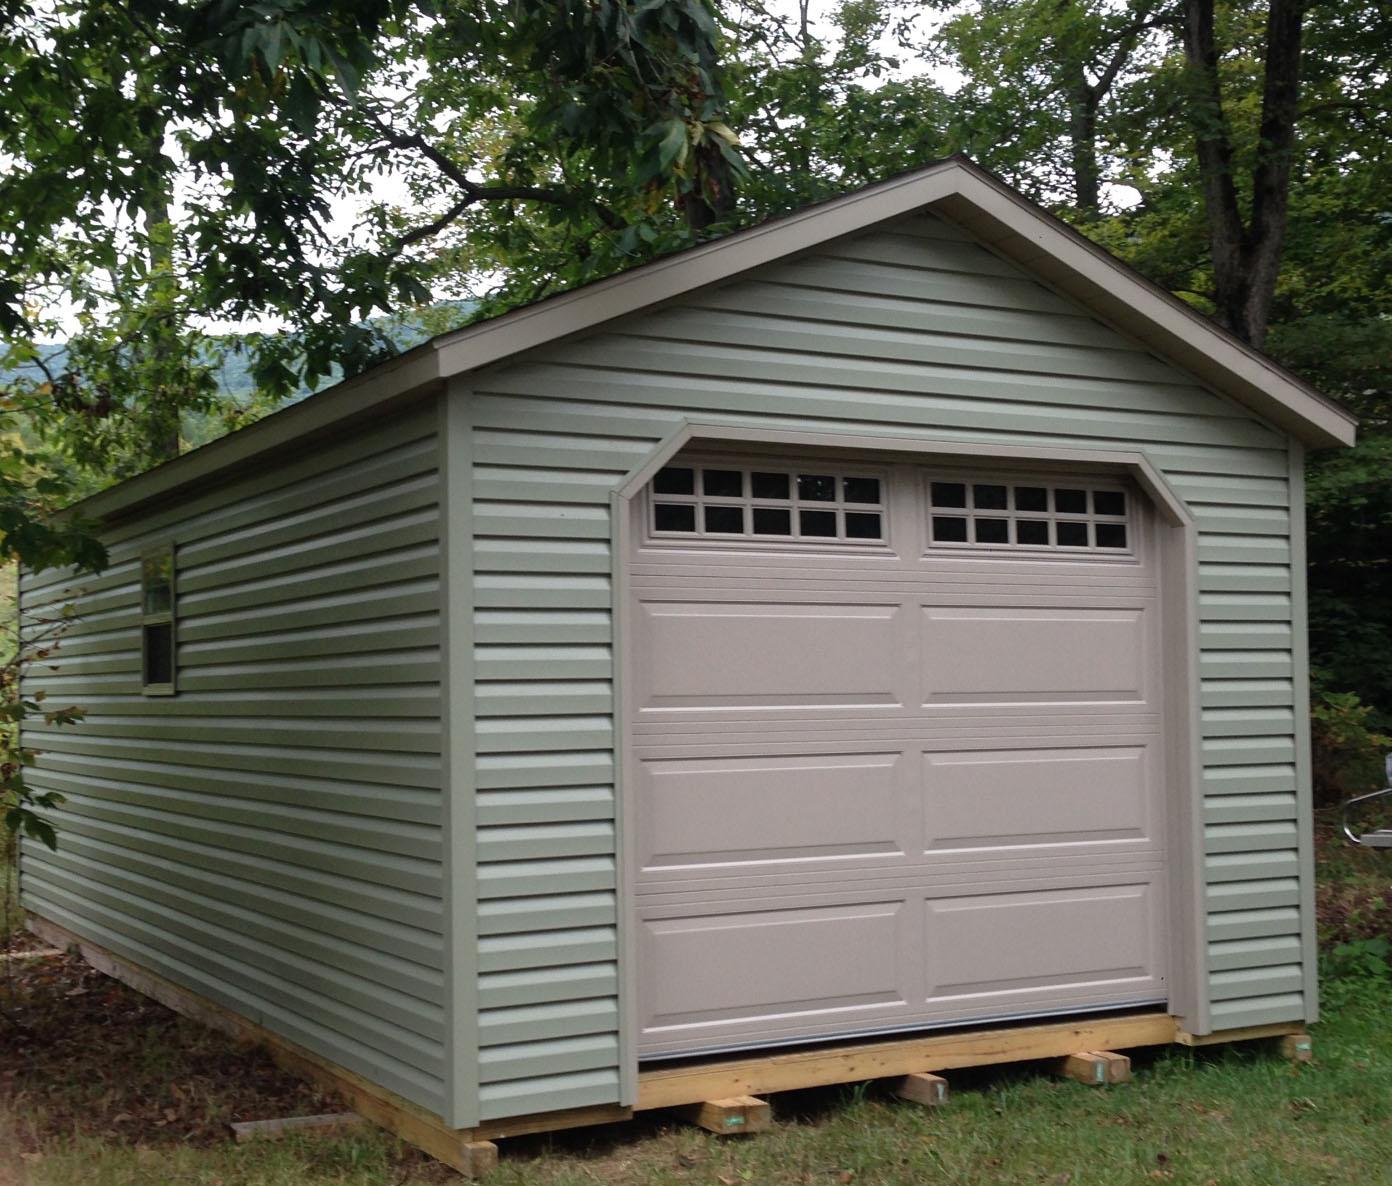 12 x 10 garage door price 28 images 12 x 10 garage for 12 x 10 garage door price